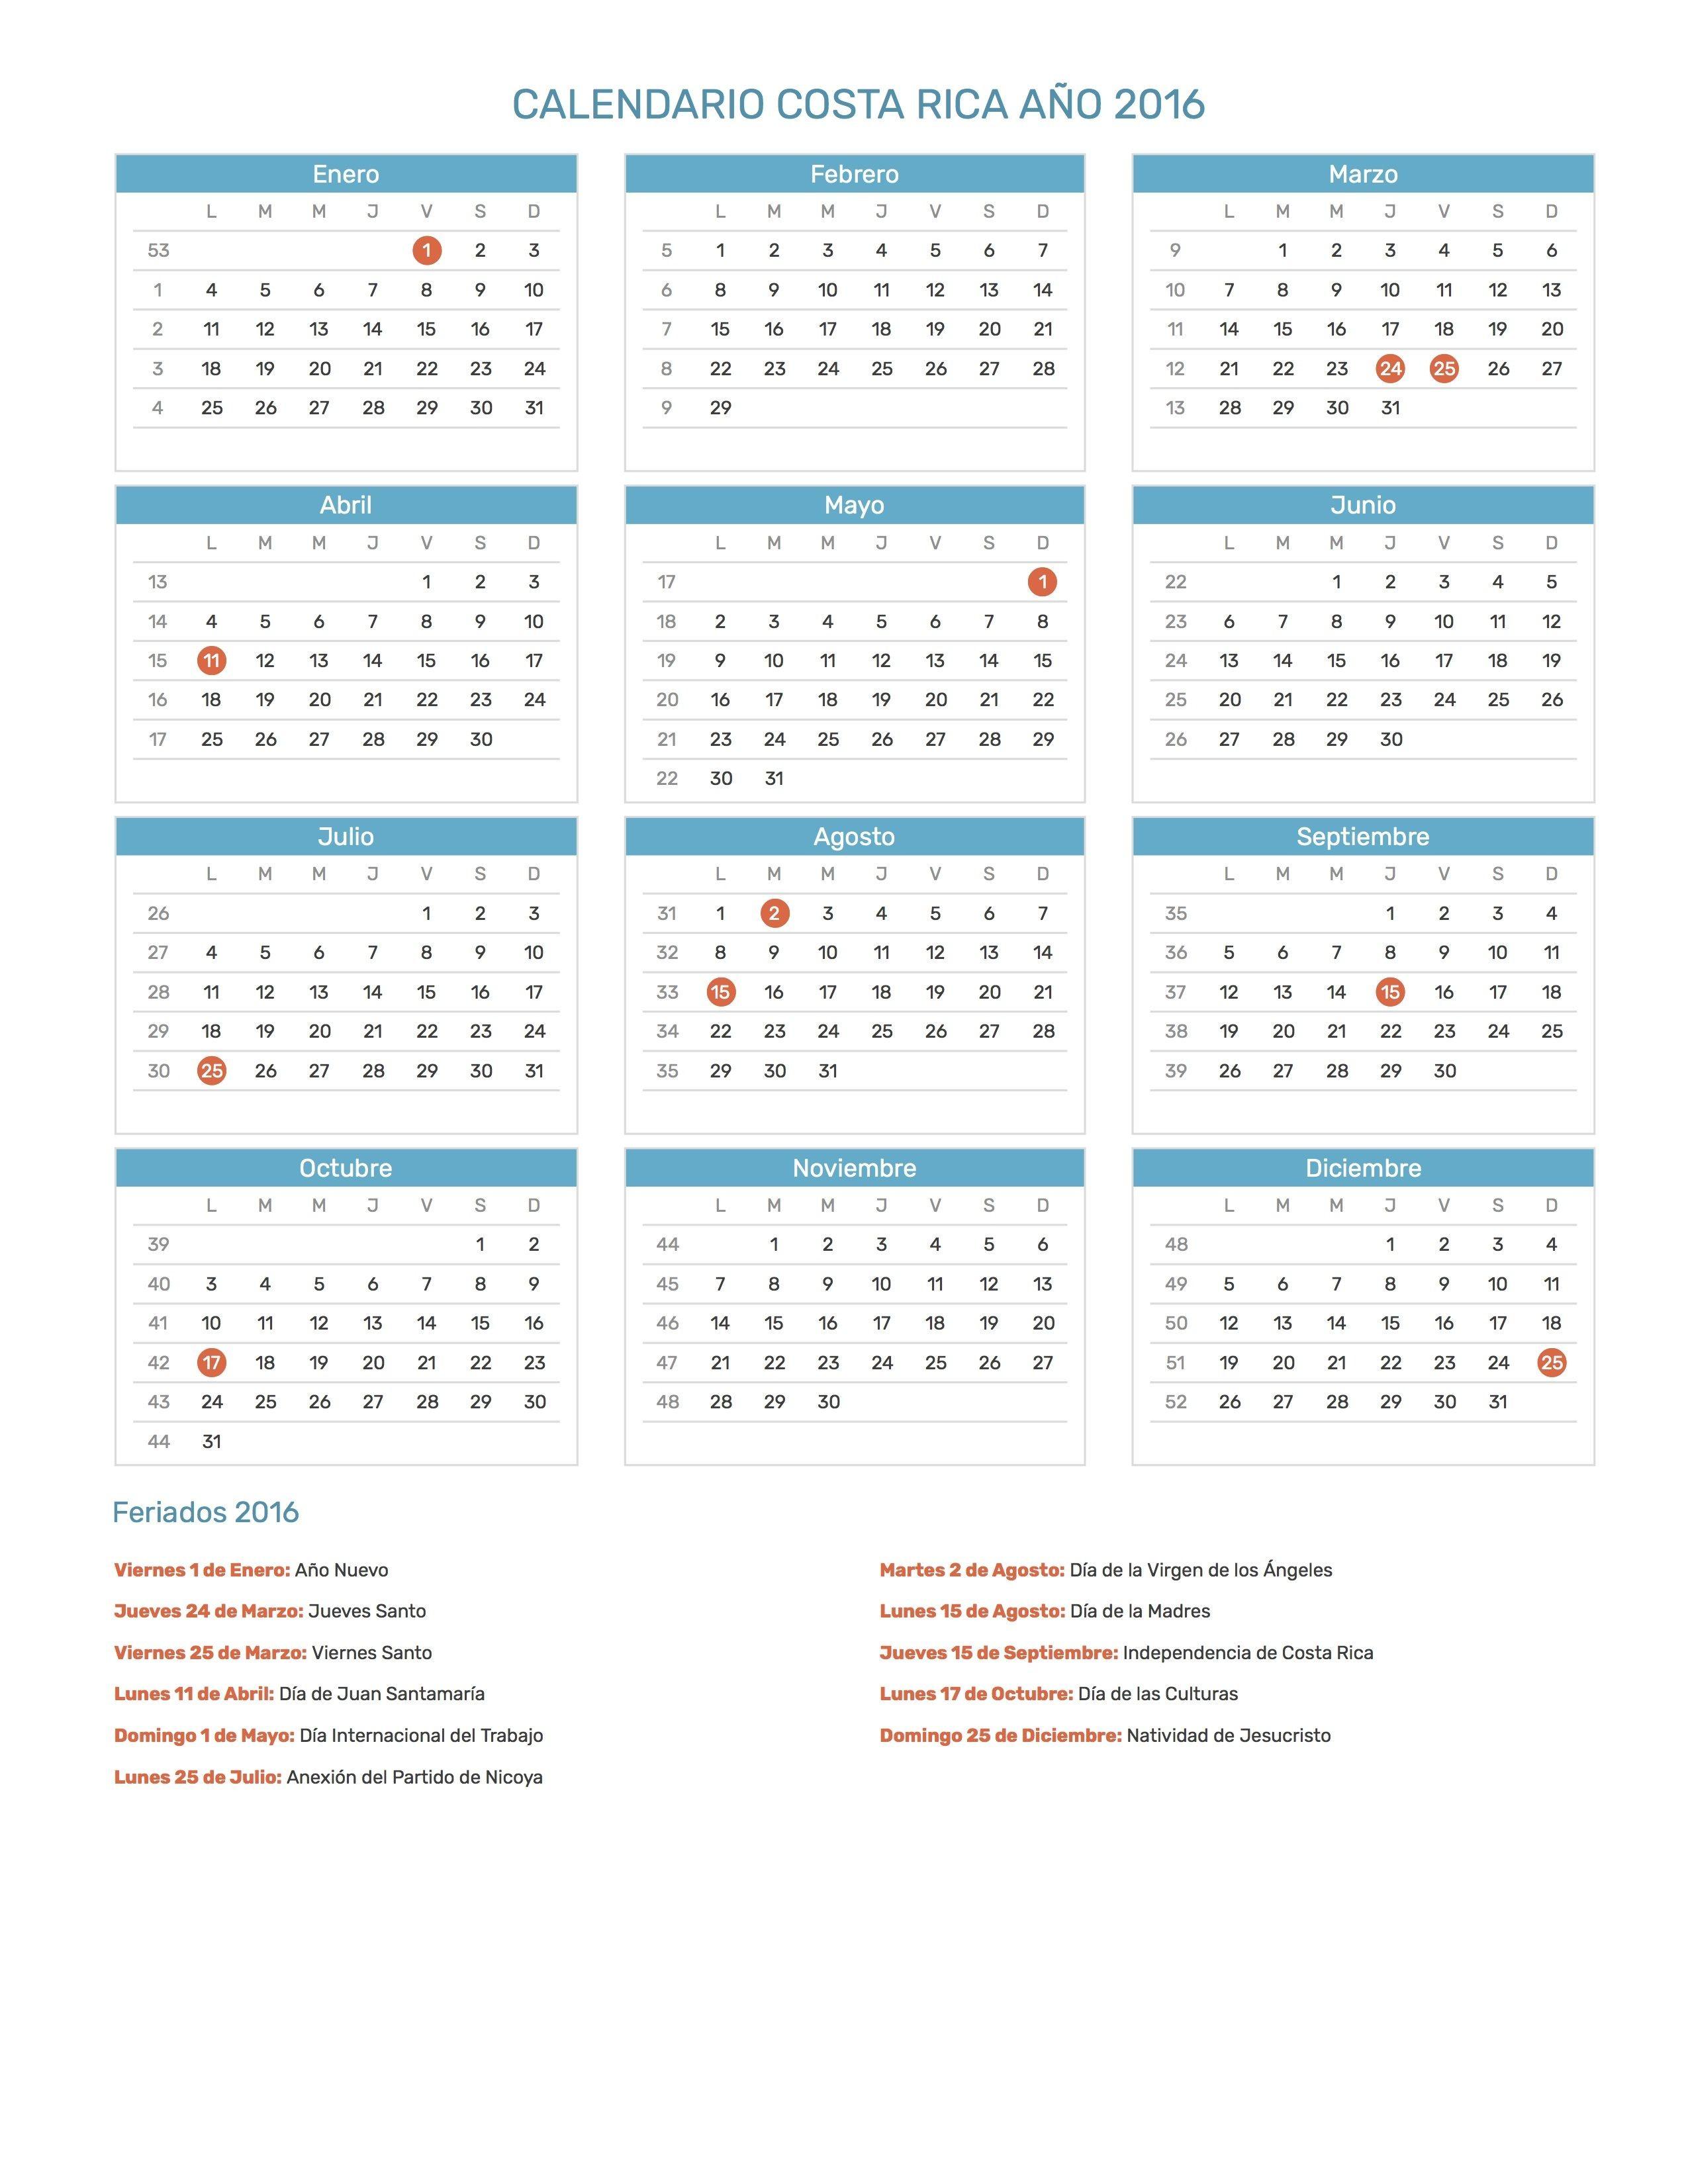 Calendario 2019 Con Festivos Valencia Más Populares Pin De Calendario Hispano En Calendario Con Feriados A±o 2016 Of Calendario 2019 Con Festivos Valencia Más Recientemente Liberado Calaméo Gara